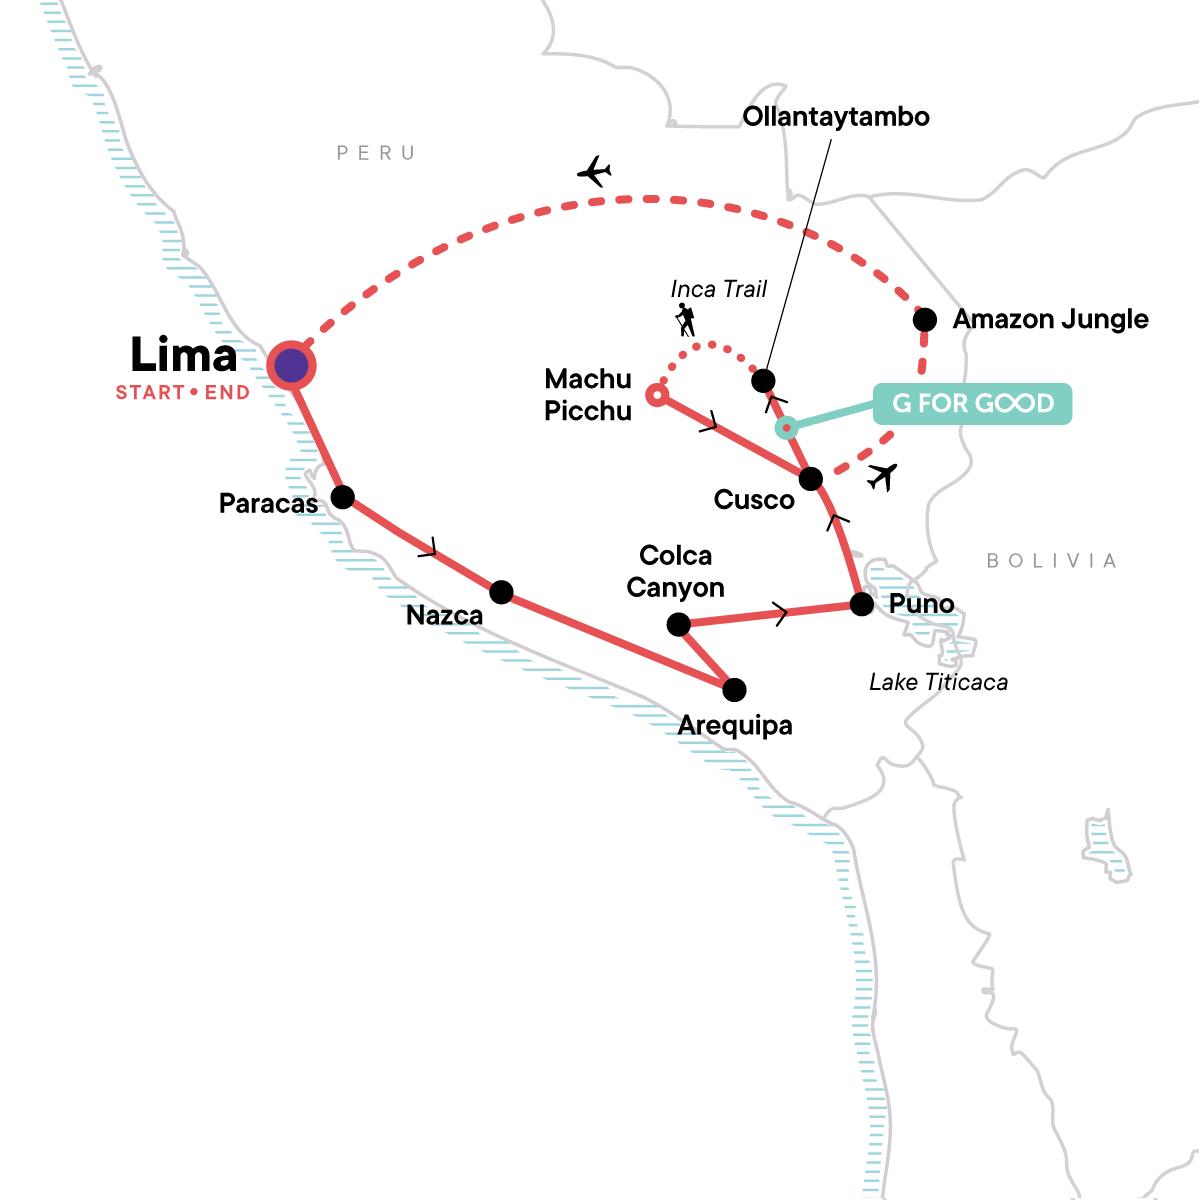 TailorMade Peru: Andes & Machu Picchu Map